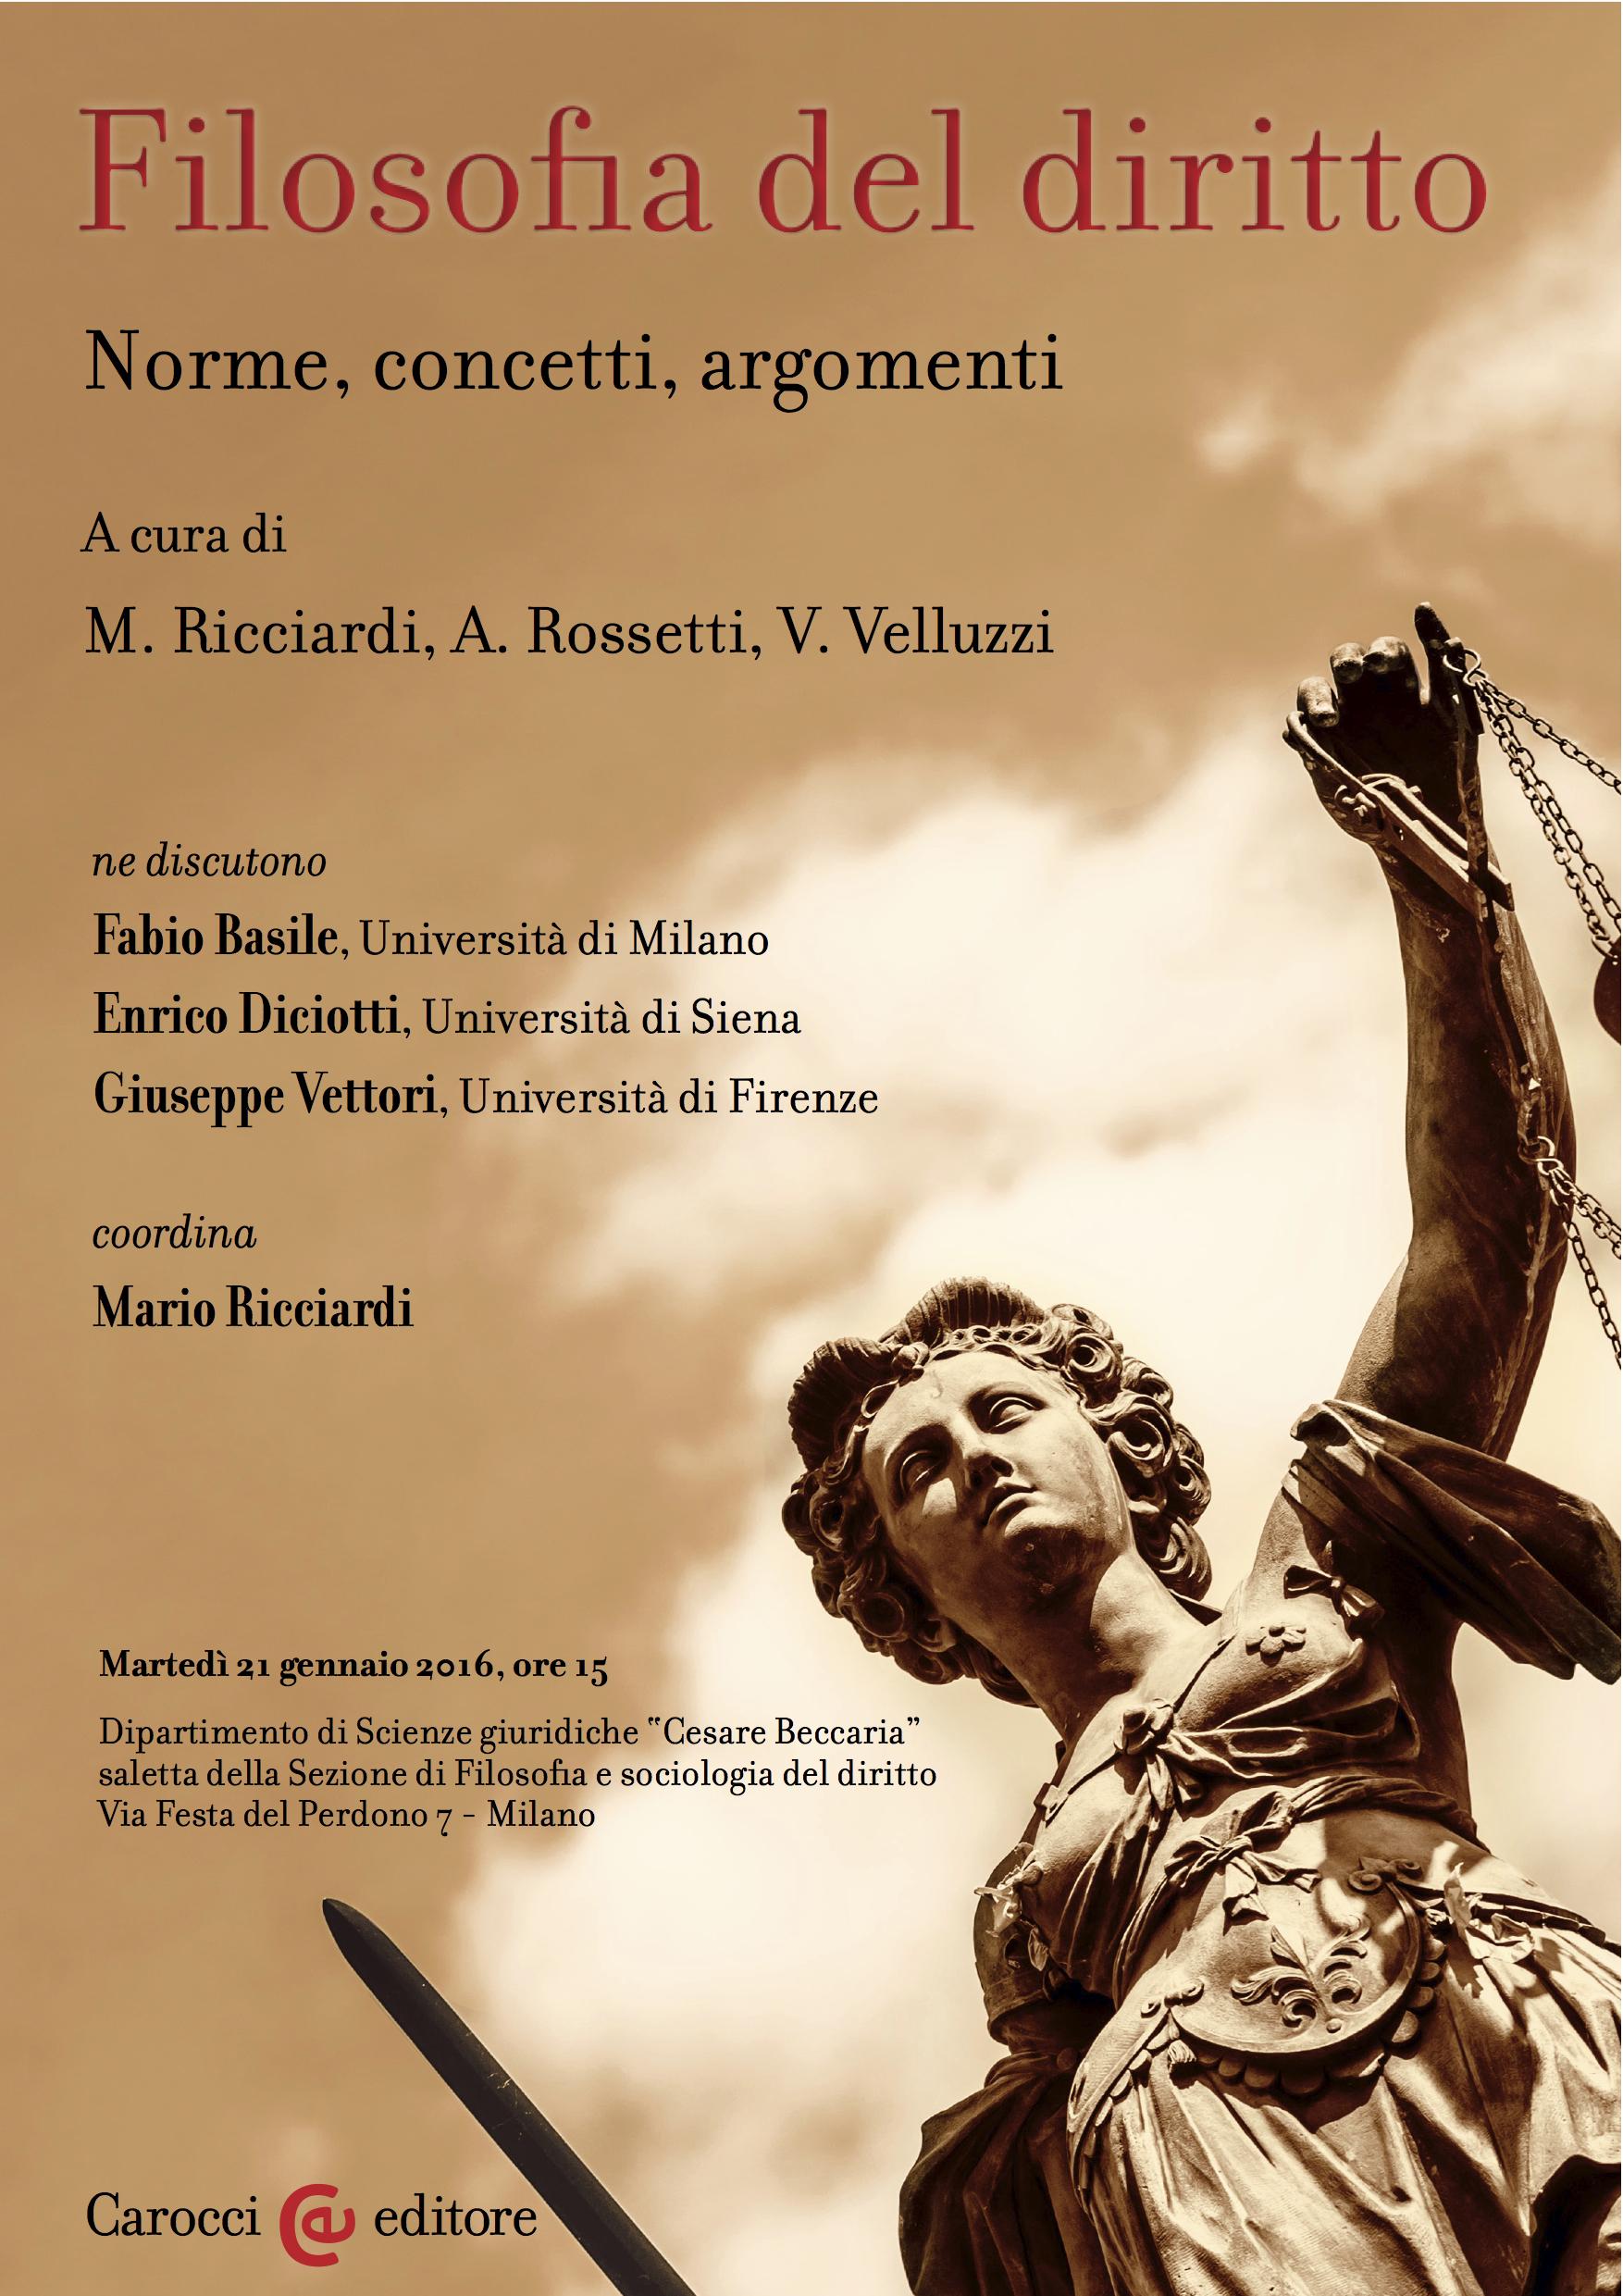 Folosofia del diritto. Norme, concetti, argomenti - Milano, 21 gennaio 2016